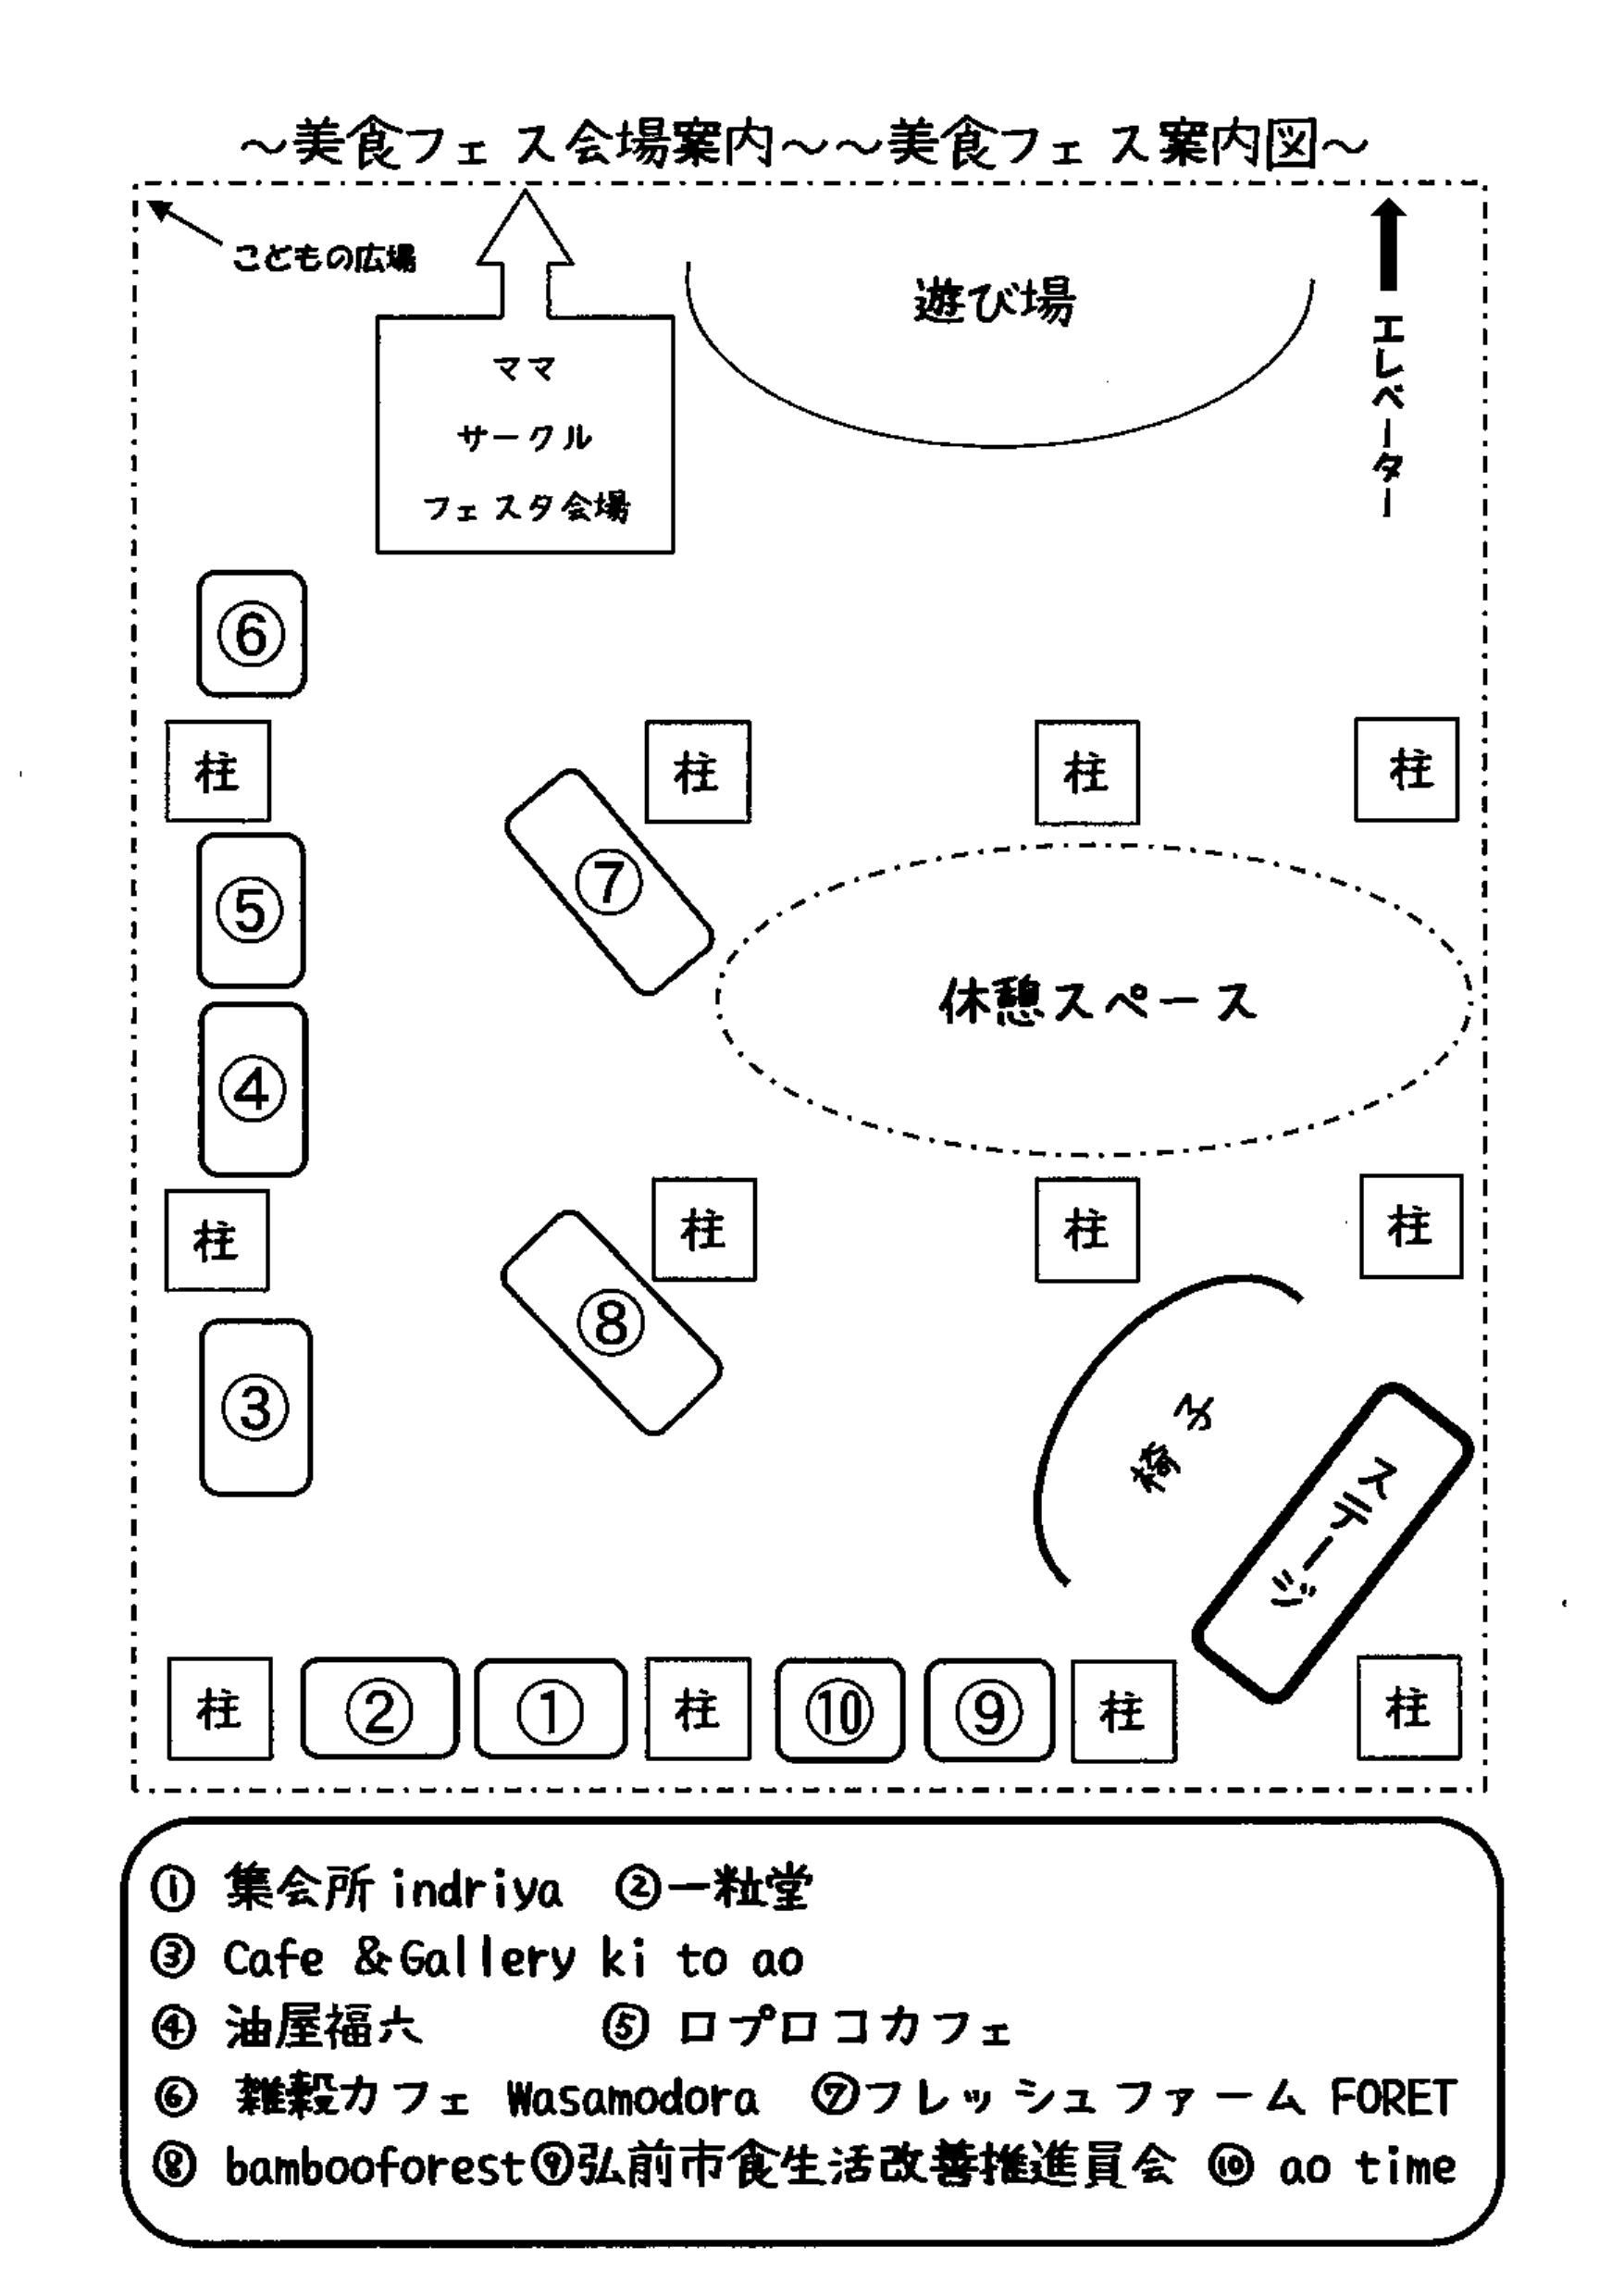 「美食フェス」ブース配置図